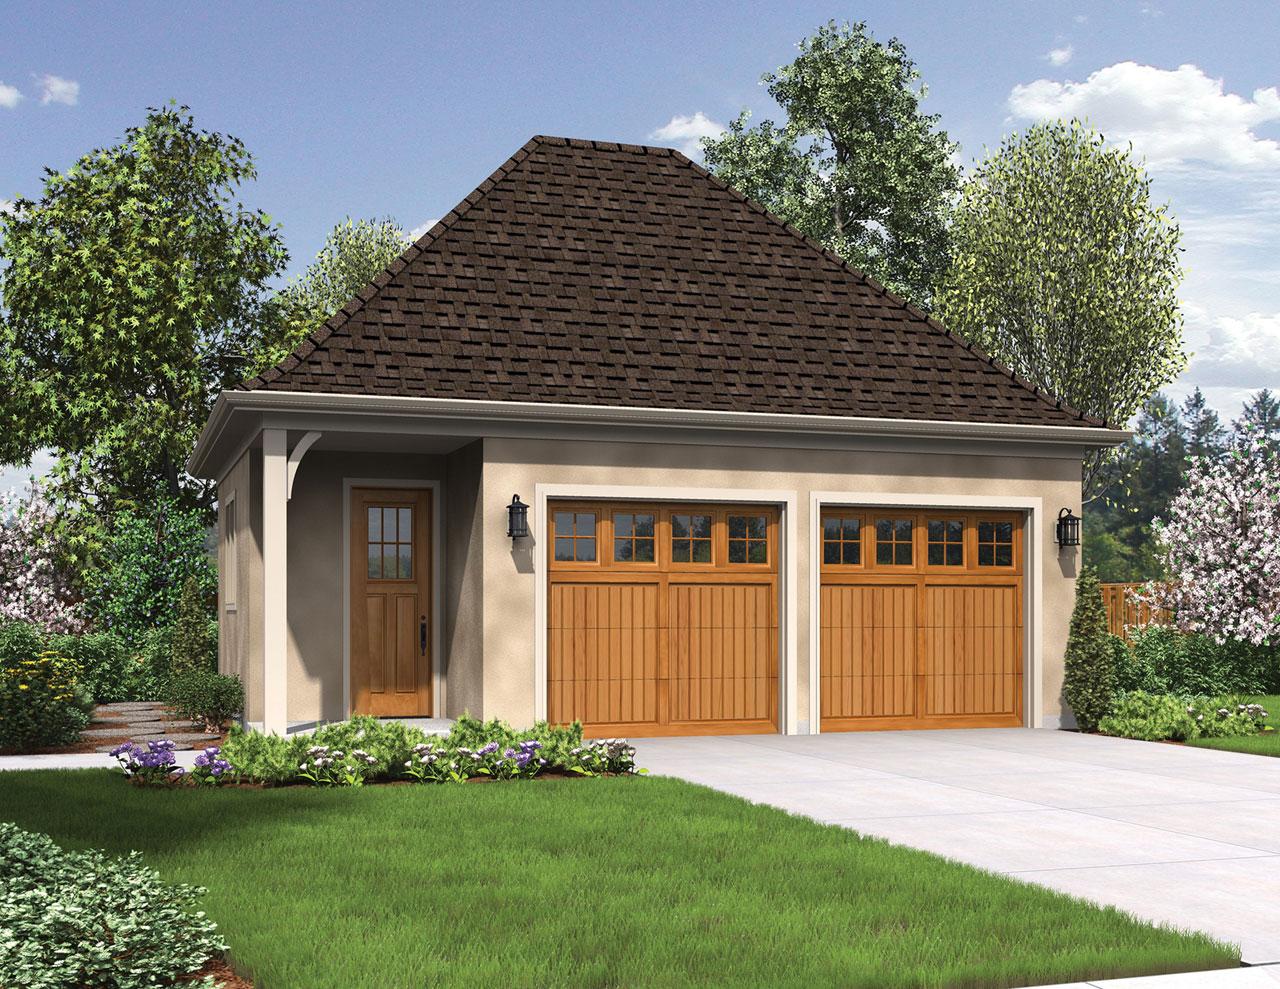 European Style House Plans Plan: 74-679